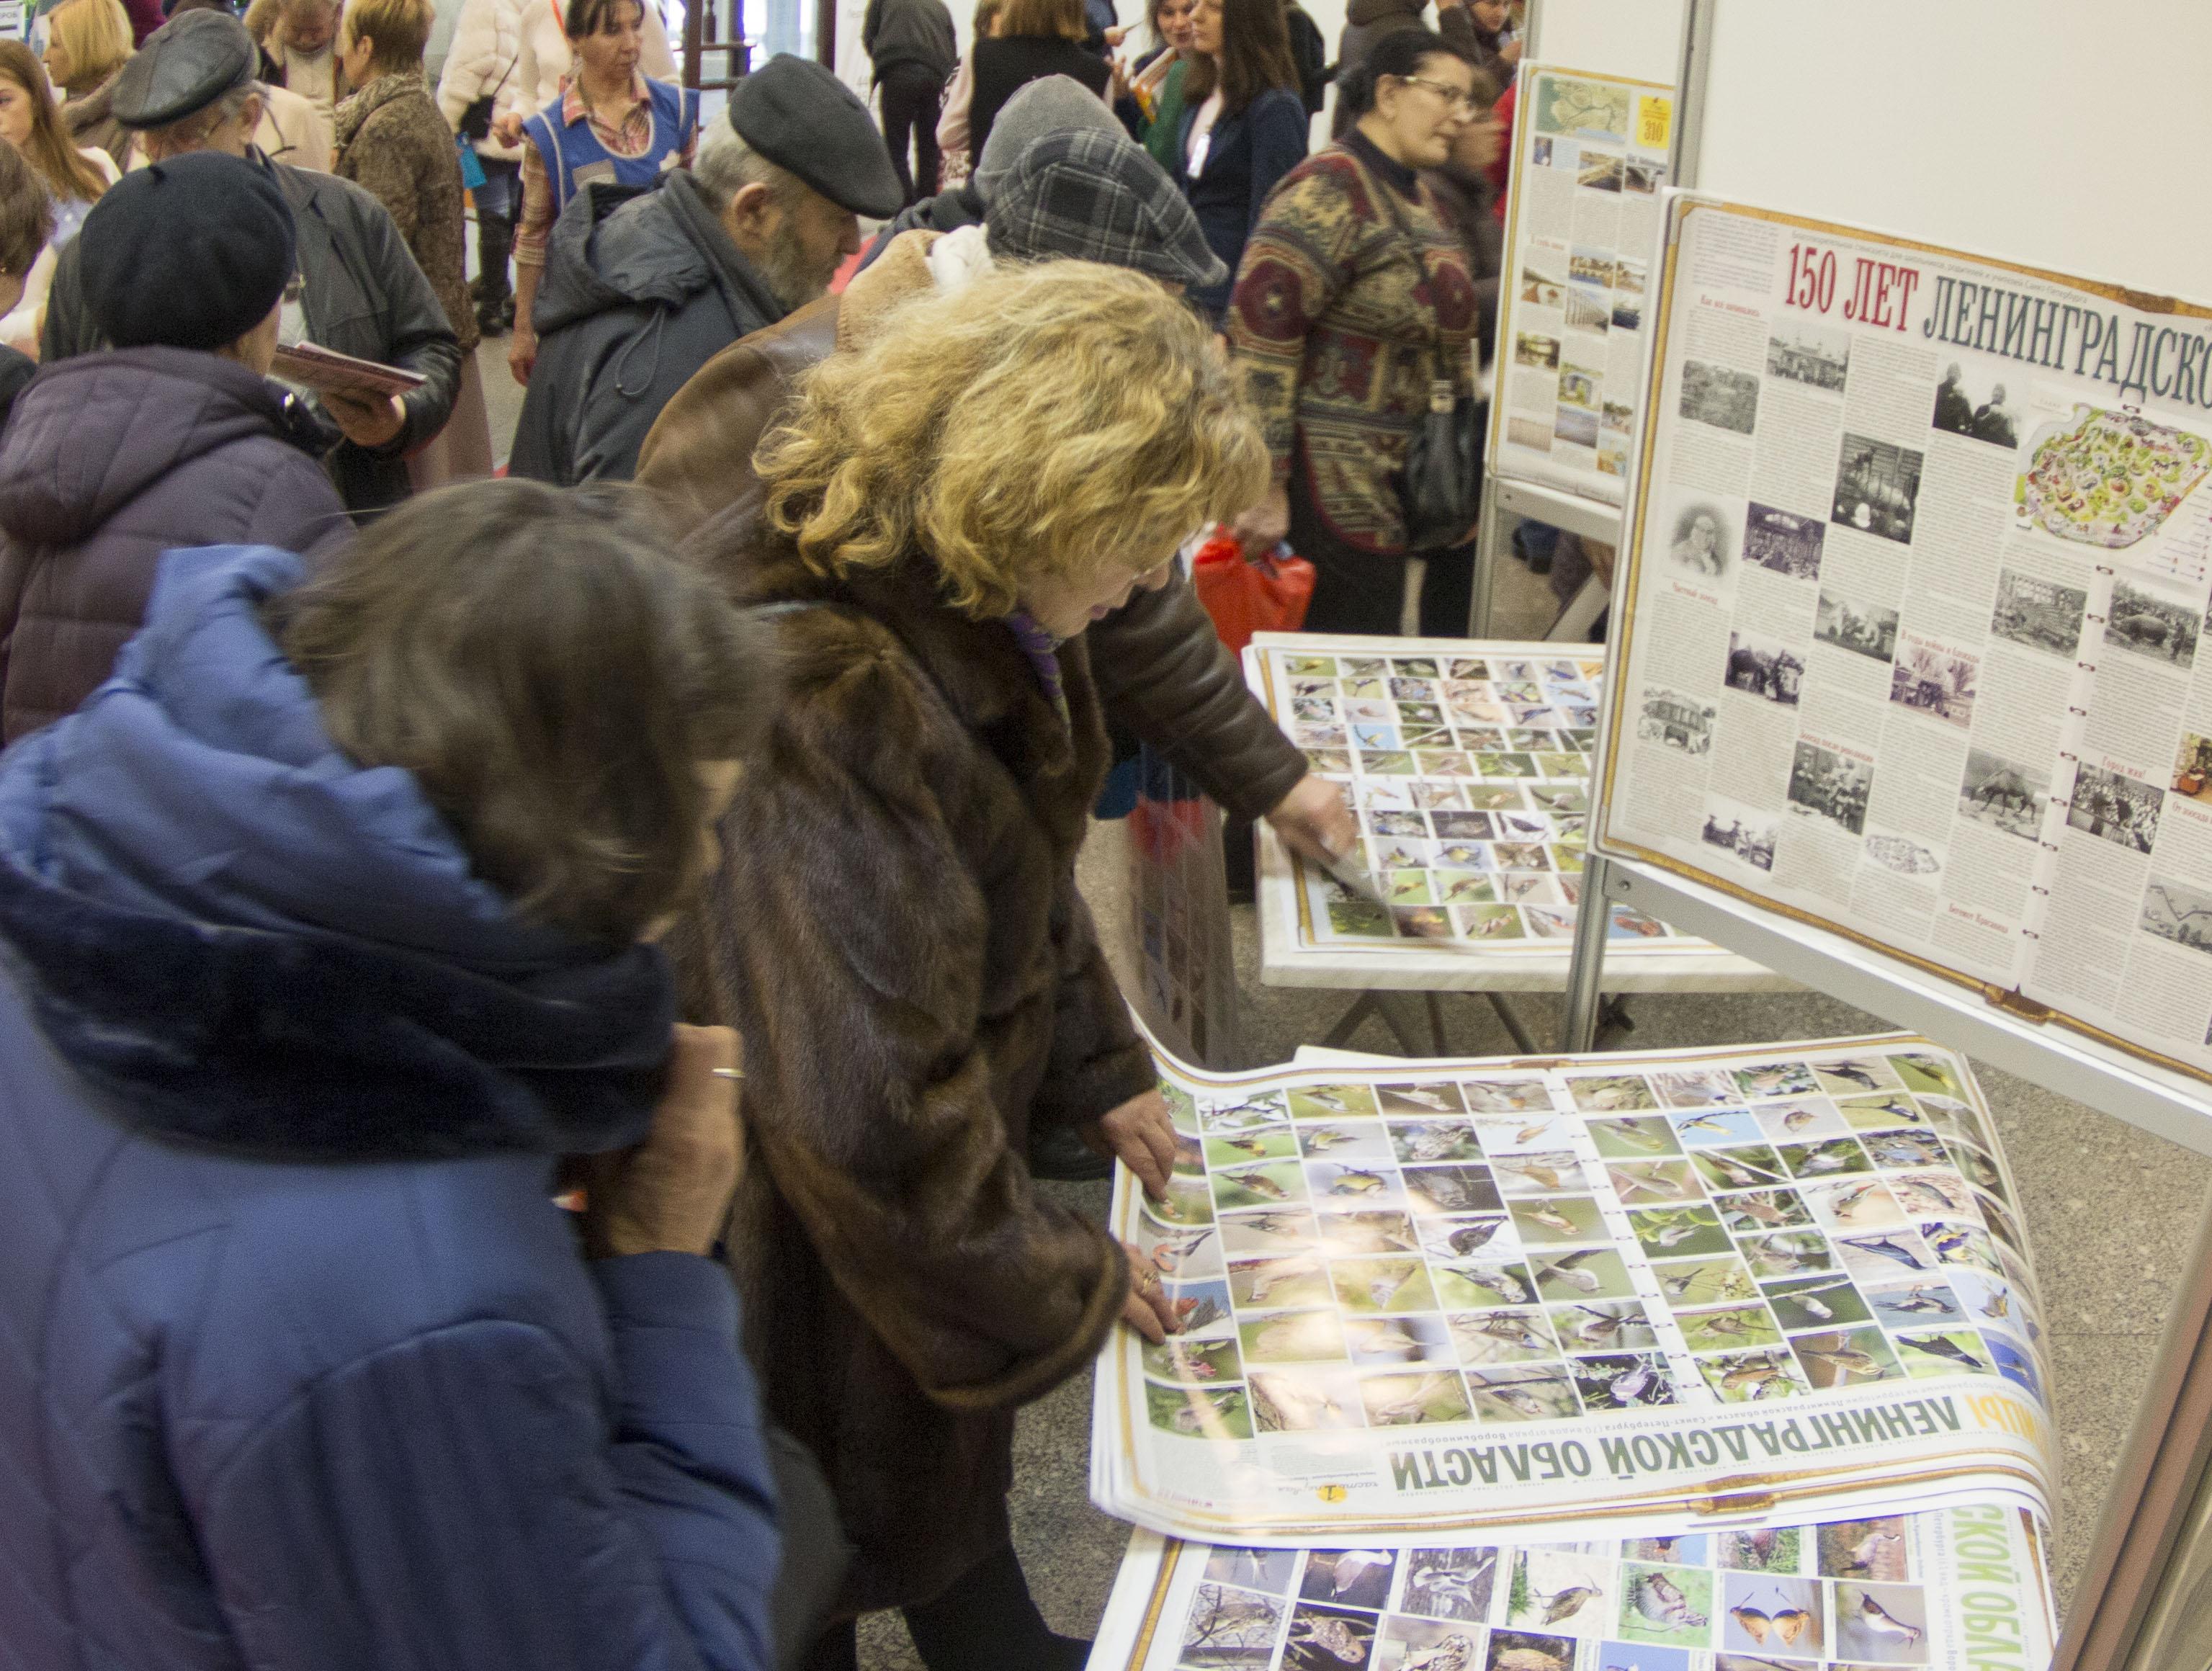 Раздача стенгазет на выставке Жилпроект-2017 в СКК